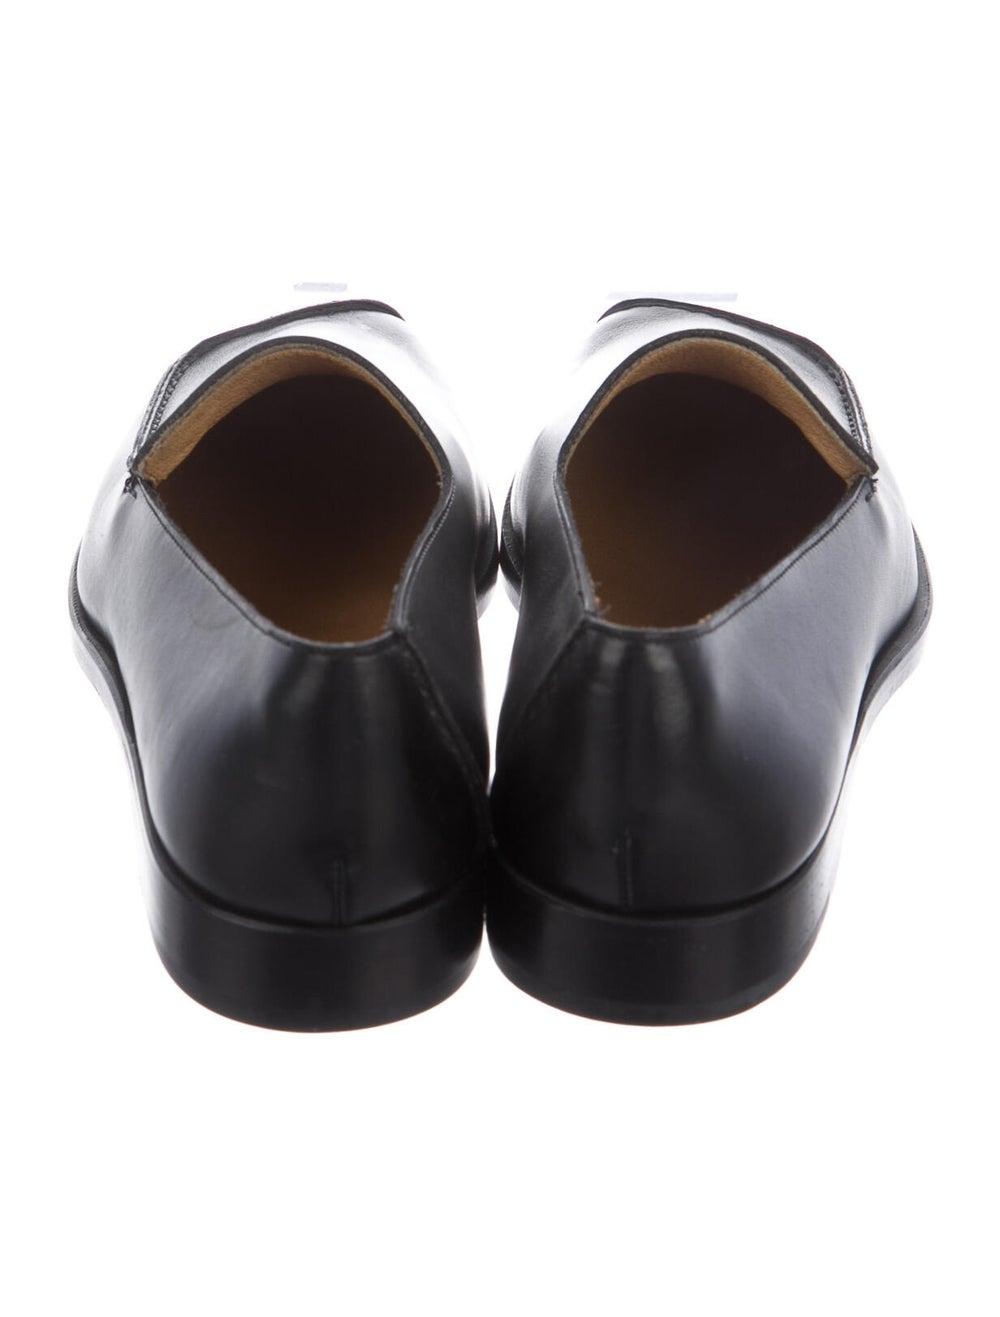 Hermès Loafers Black - image 4